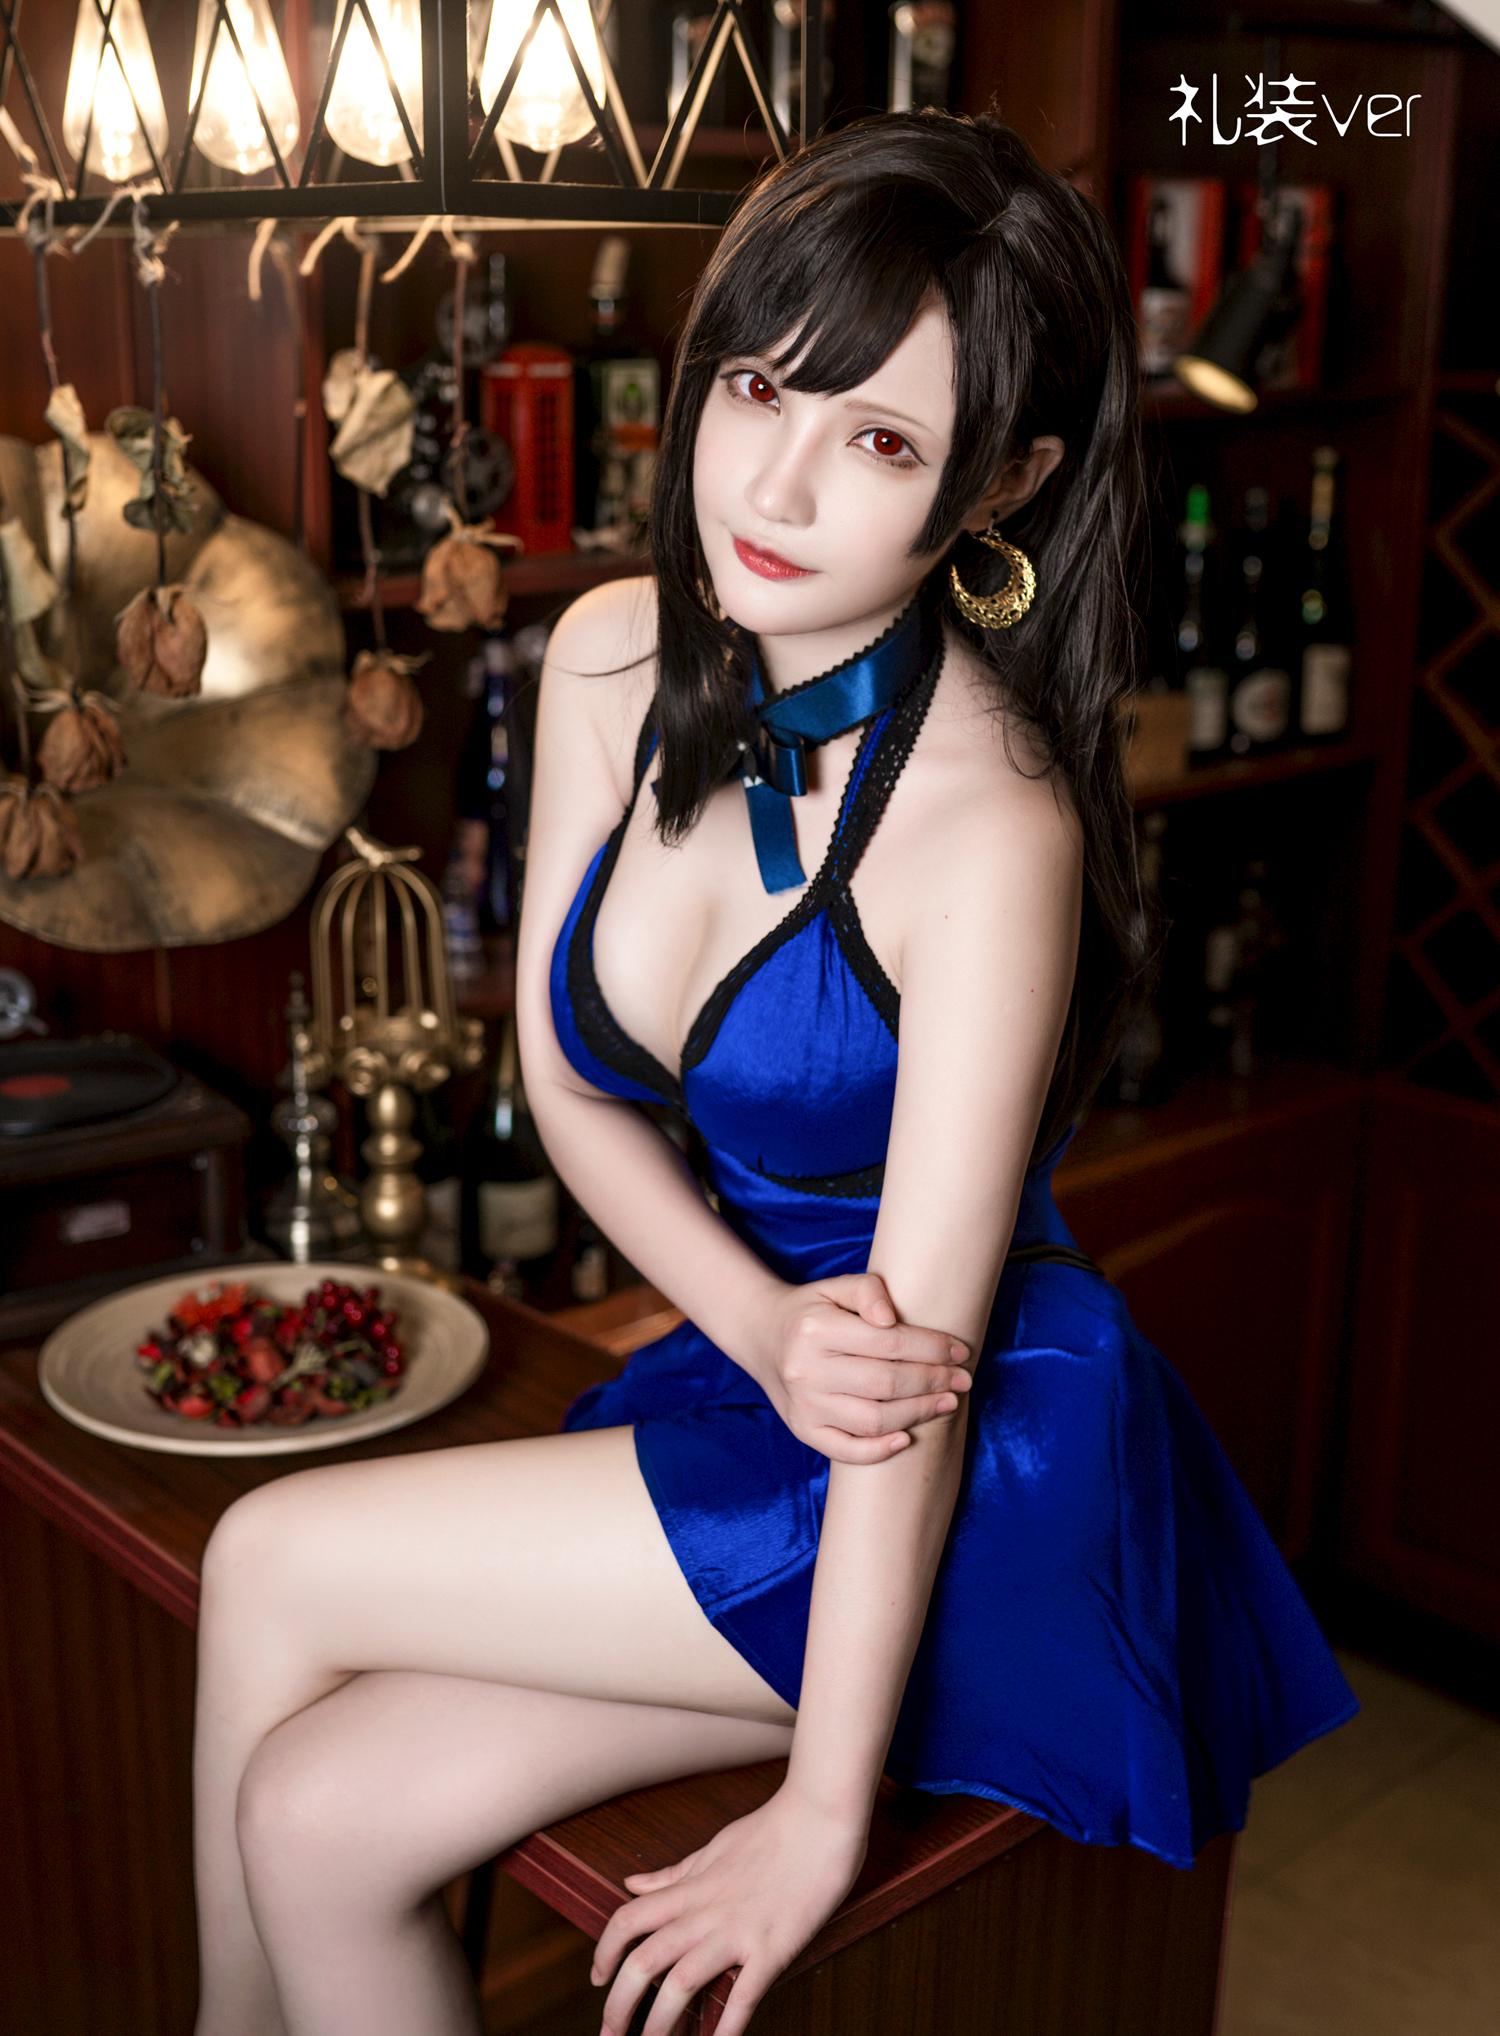 ⭐微博红人⭐千夜未来(Senya Miku) – NO.02 蒂法连衣裙 [20P-42MB]插图1